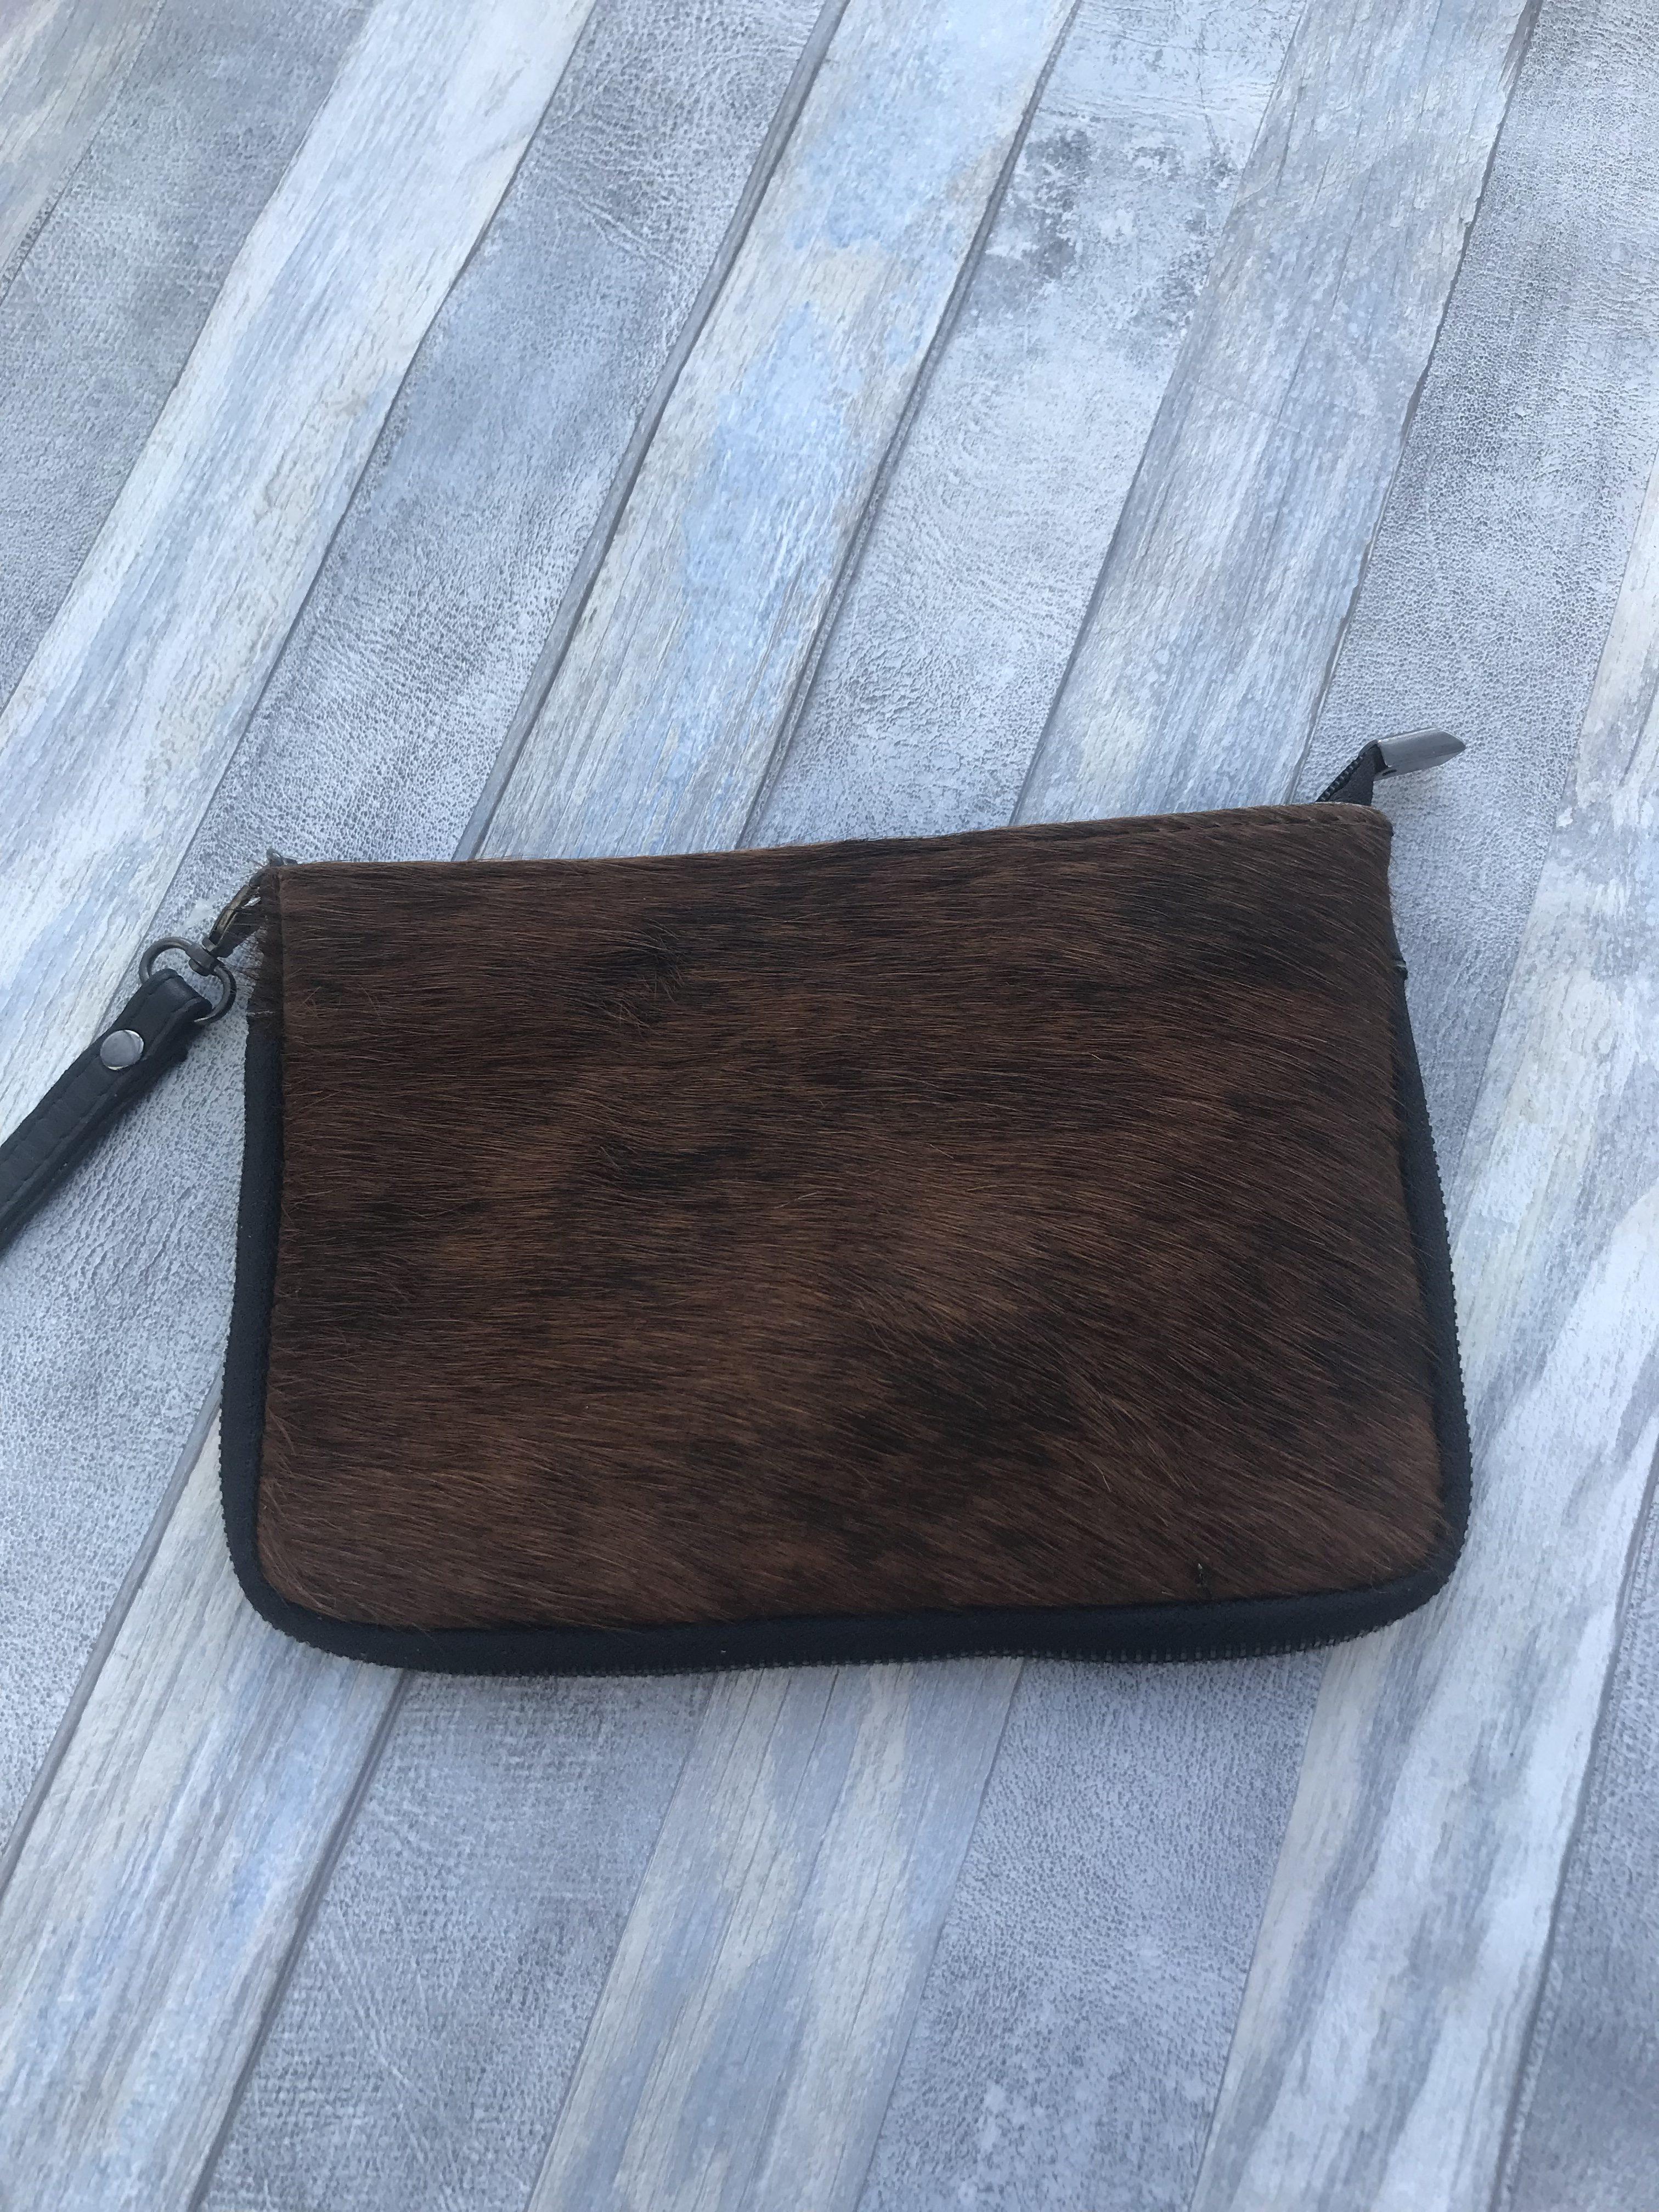 Handig  bruin vacht tasje met verstelbare schouderband.